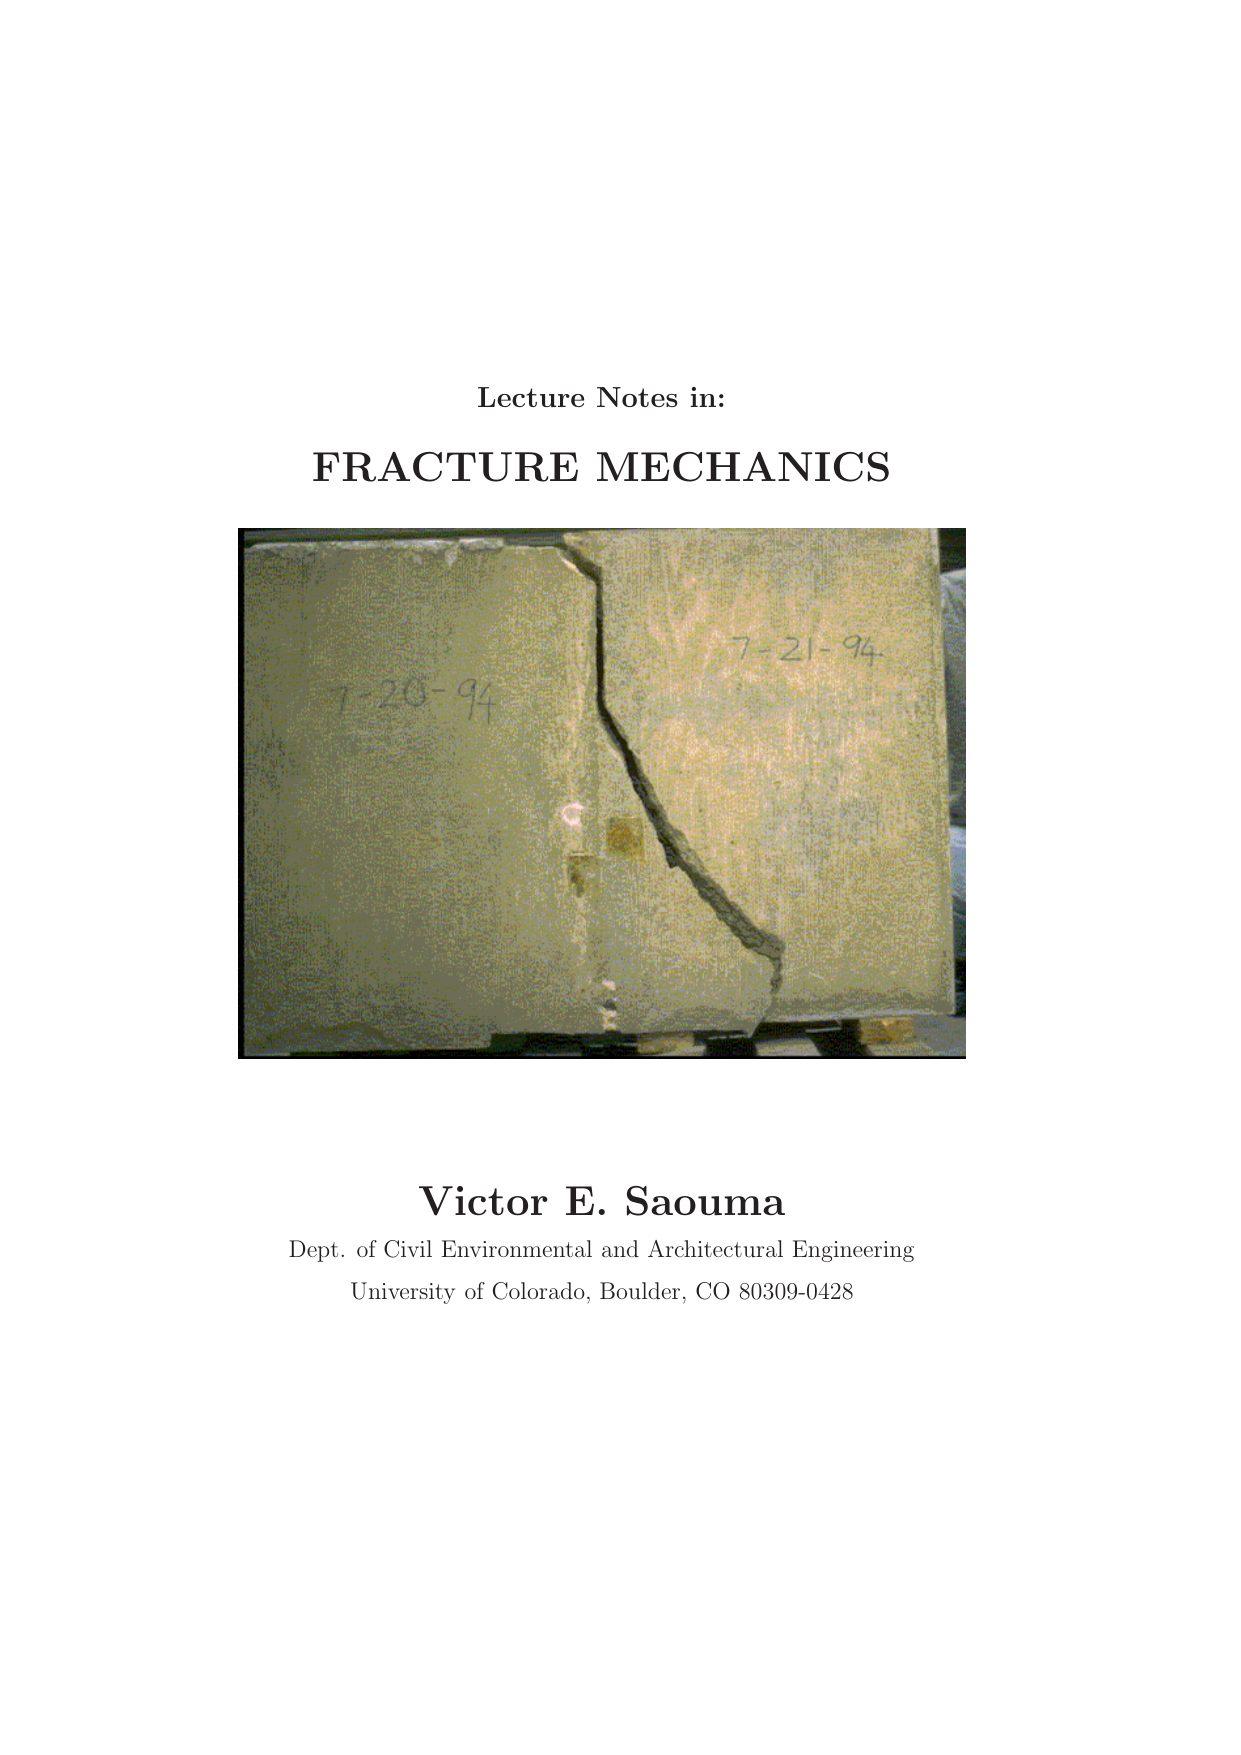 Lits Superposés 3 Places Douce Saouma S E Lecture Notes In Fracture Mechanics Pdf